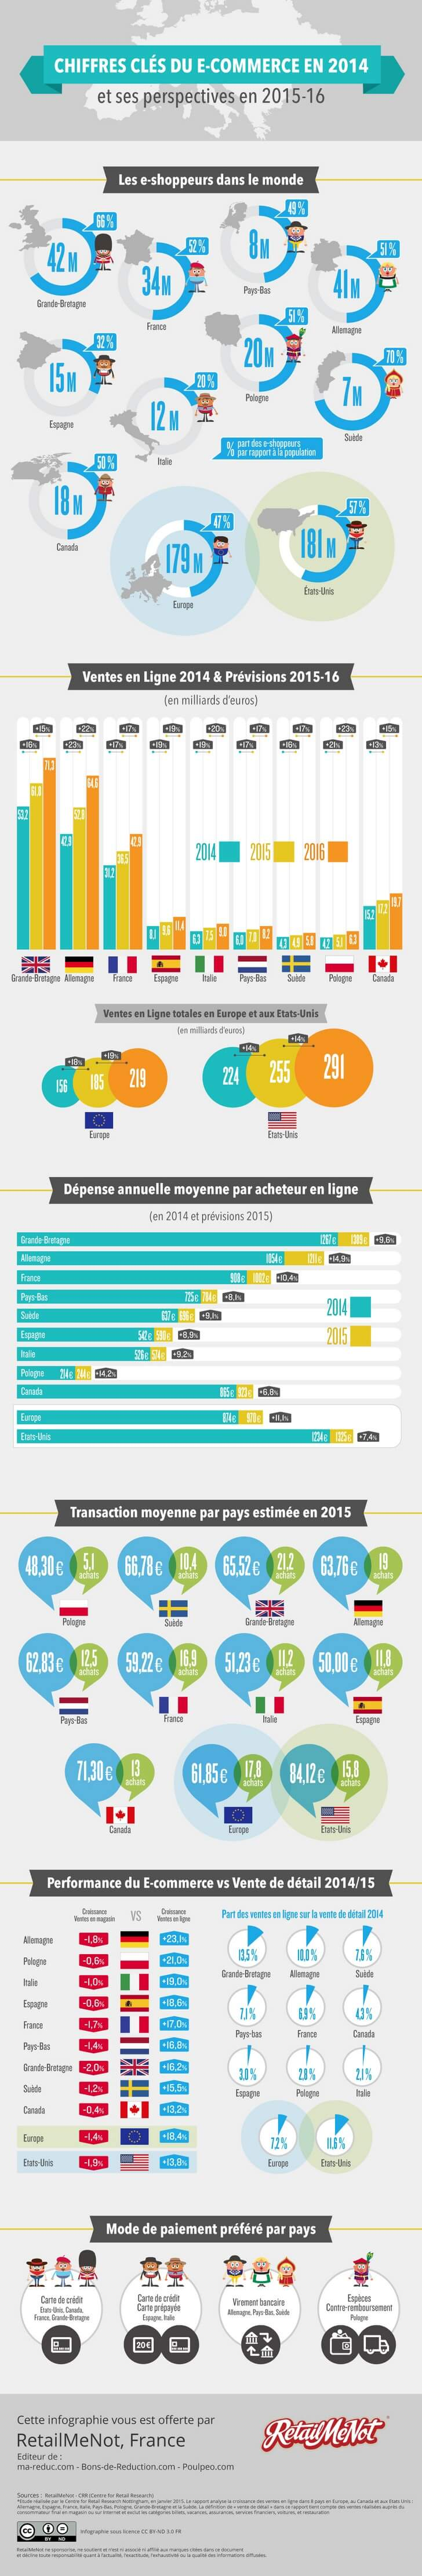 L'évolution de l'e-commerce à travers une infographie